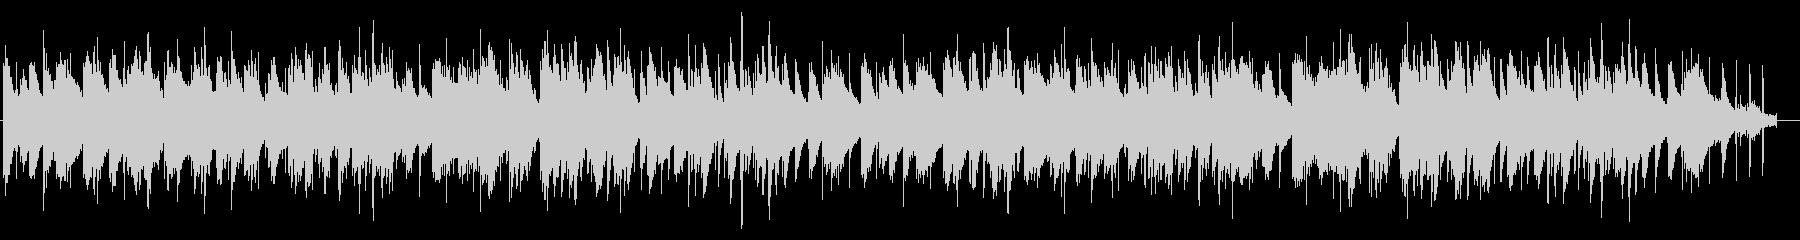 けだるい雰囲気のピアノ Lofiの未再生の波形